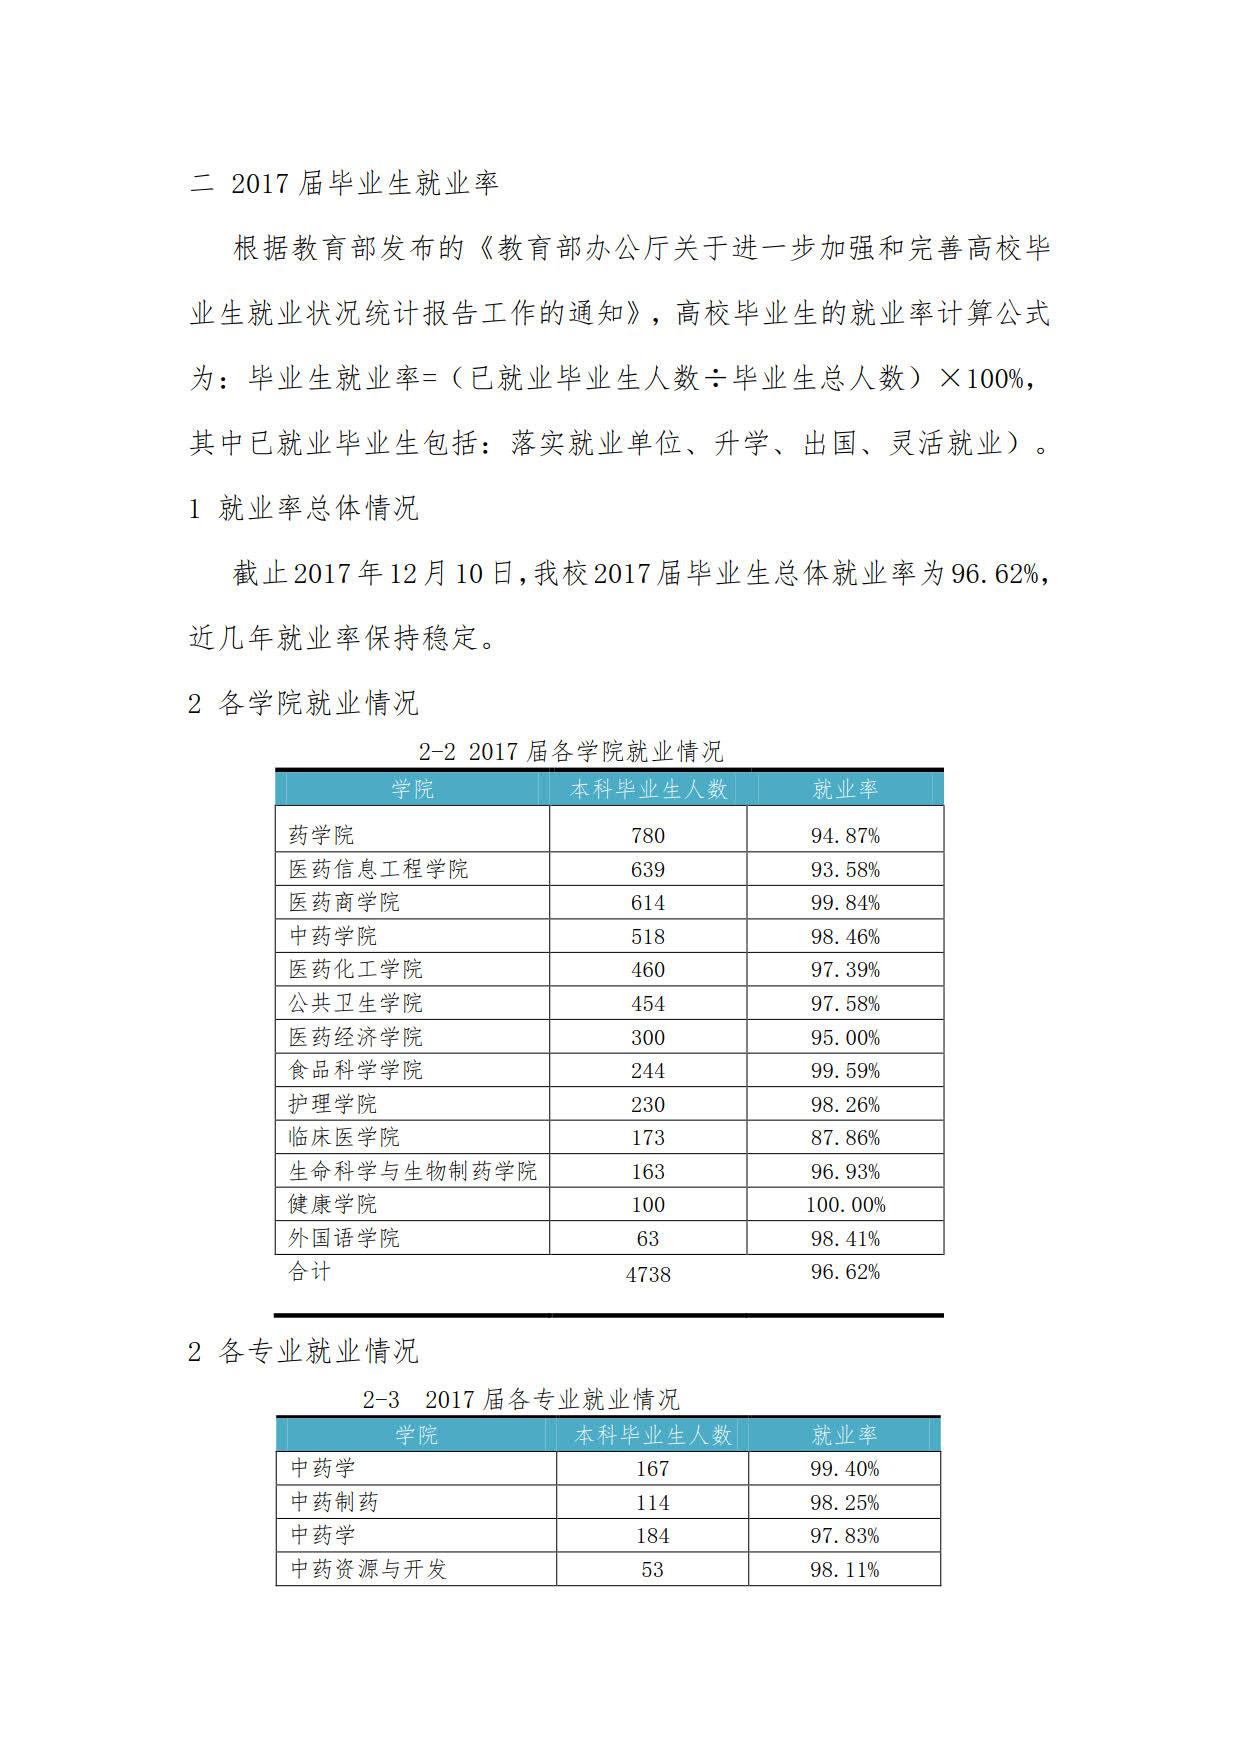 广东药科大学2017届本科毕业生最终就业情况统计表